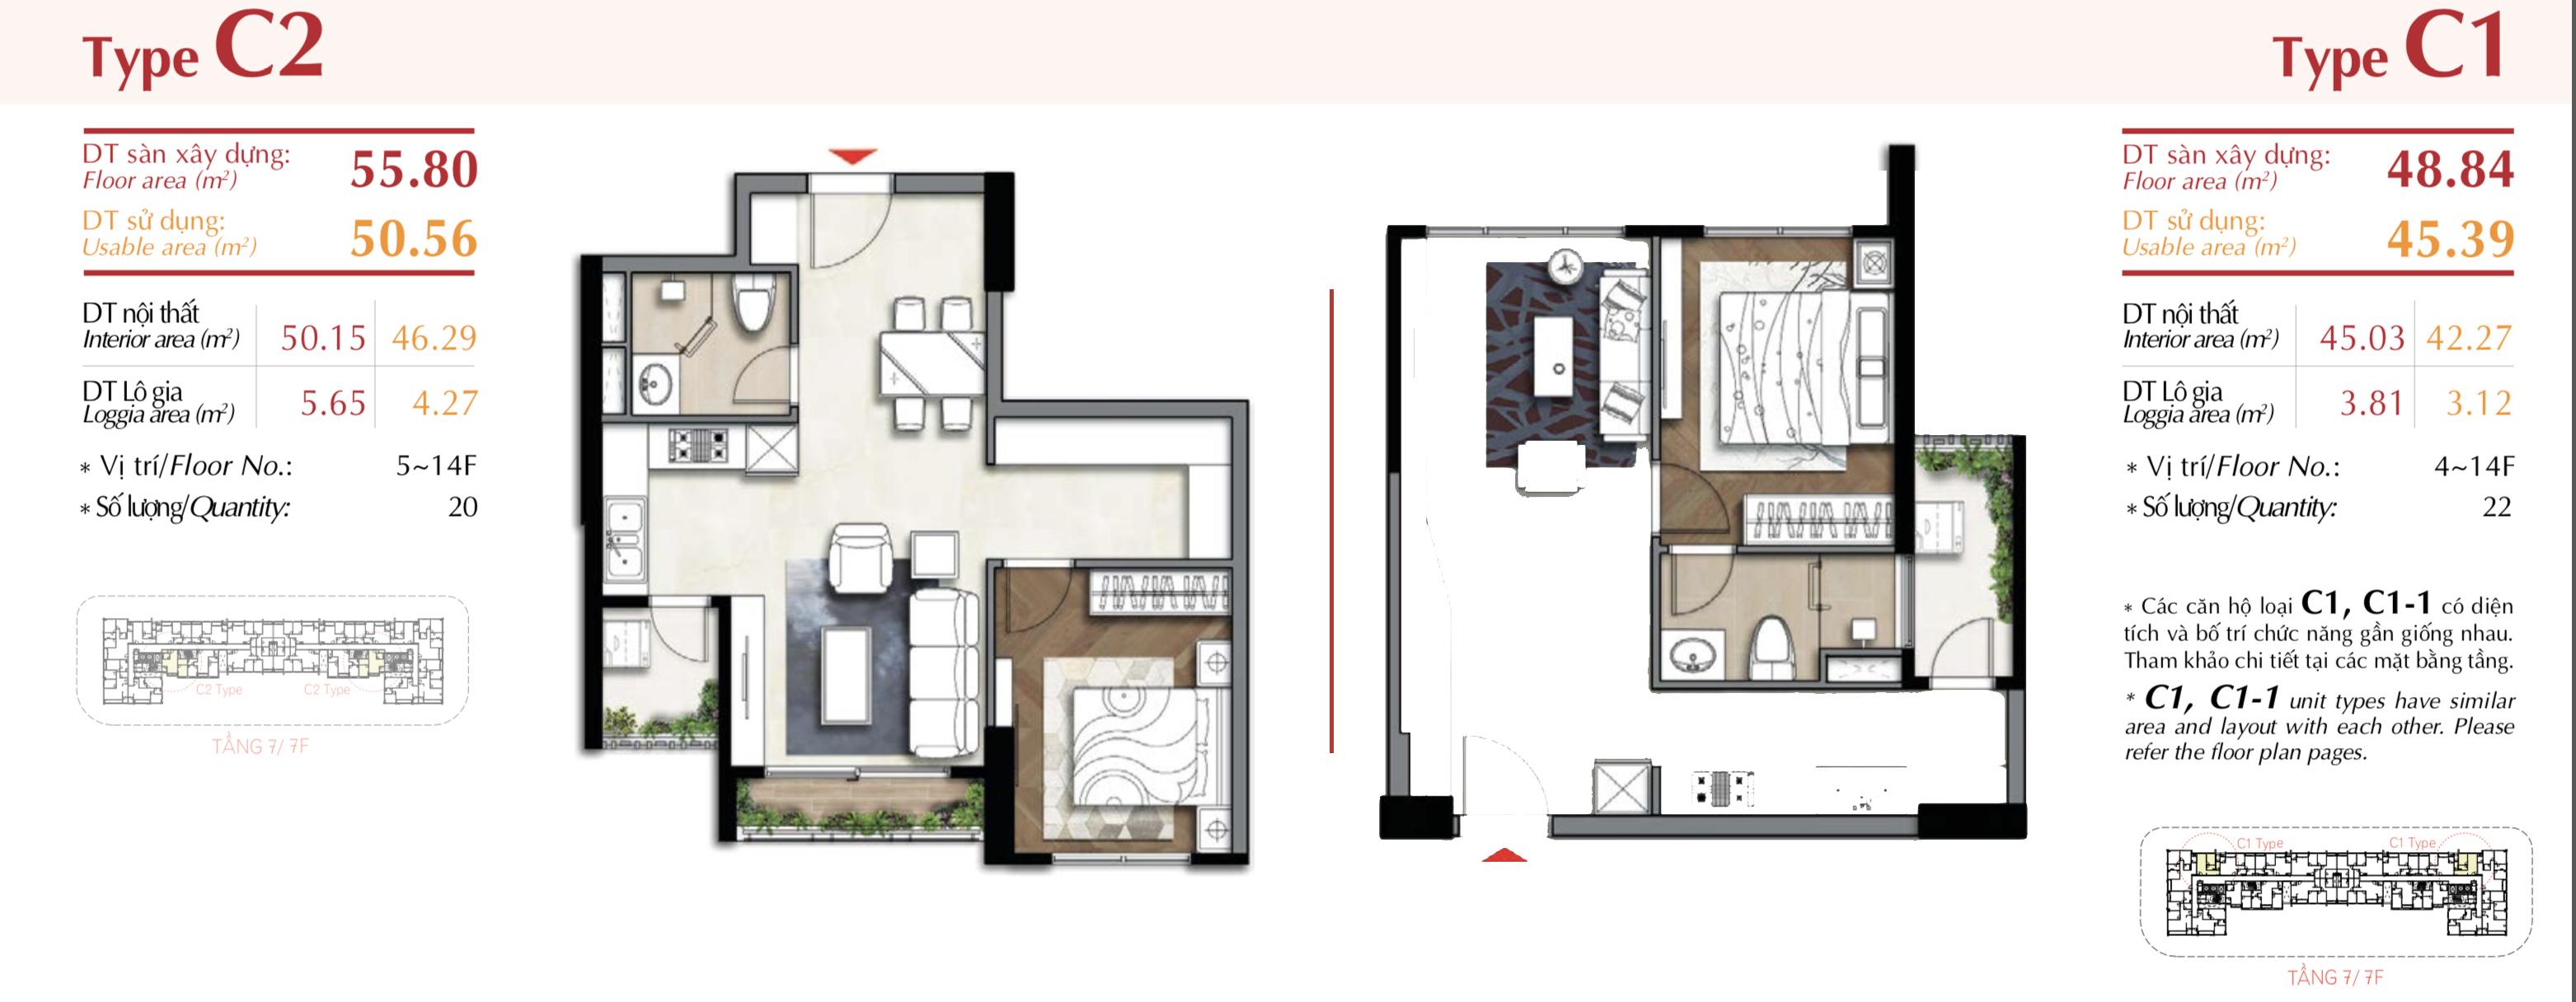 mặt bằng căn hộ 1 phòng ngủ ascentia